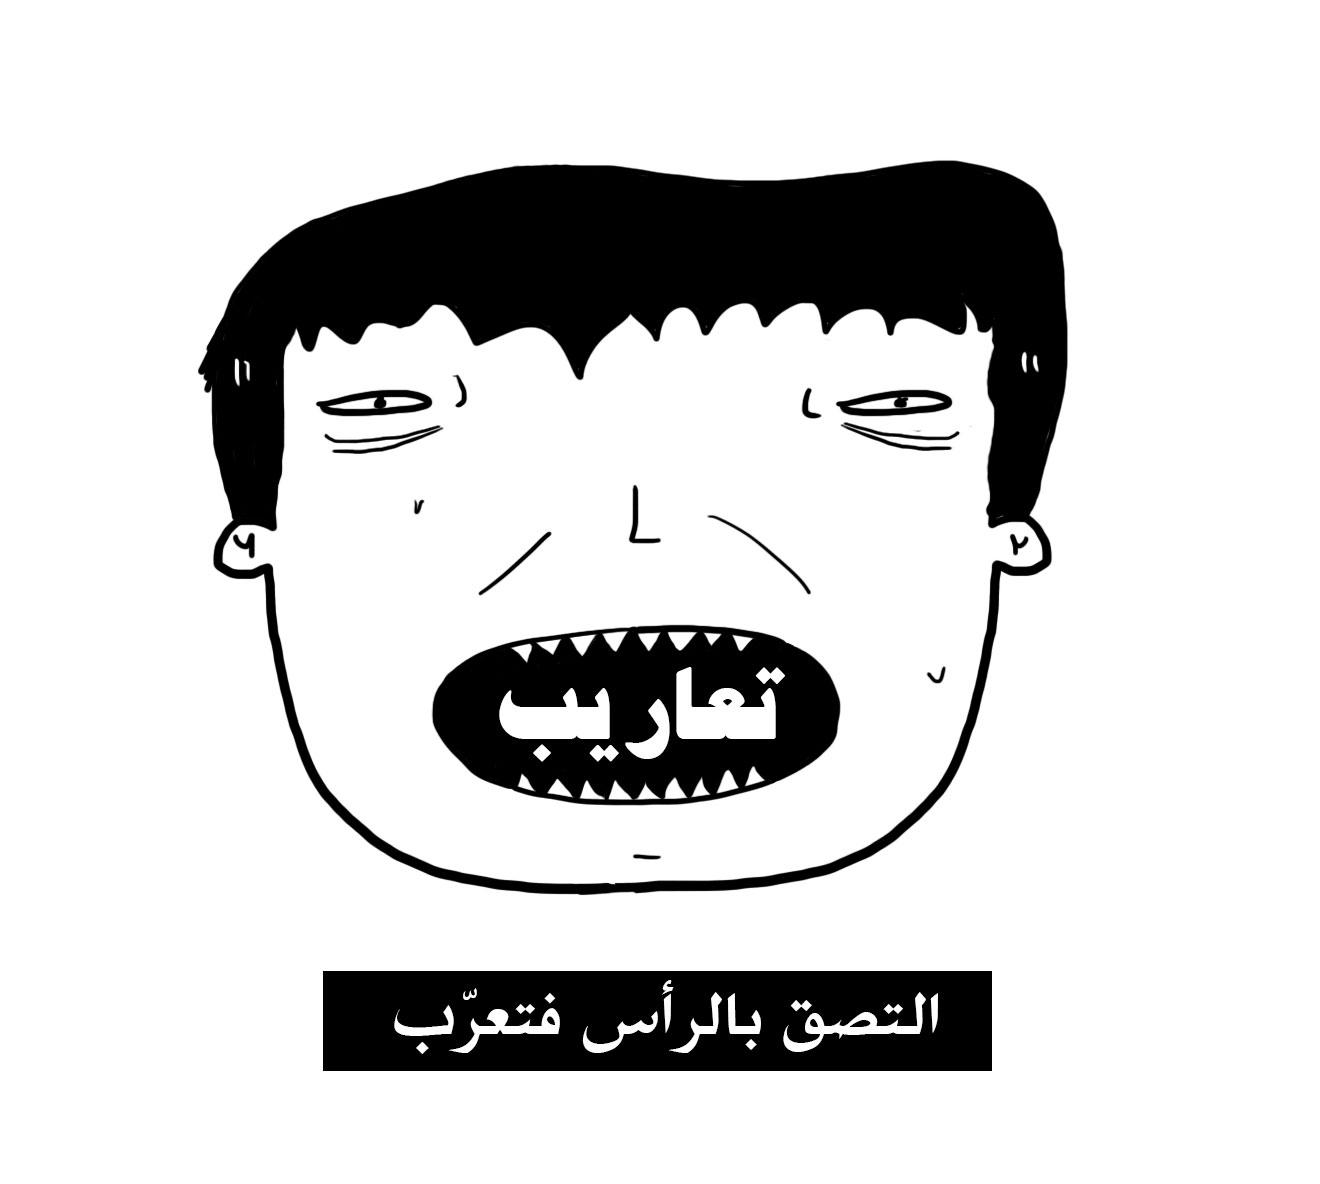 #91 - Gamal's Logo